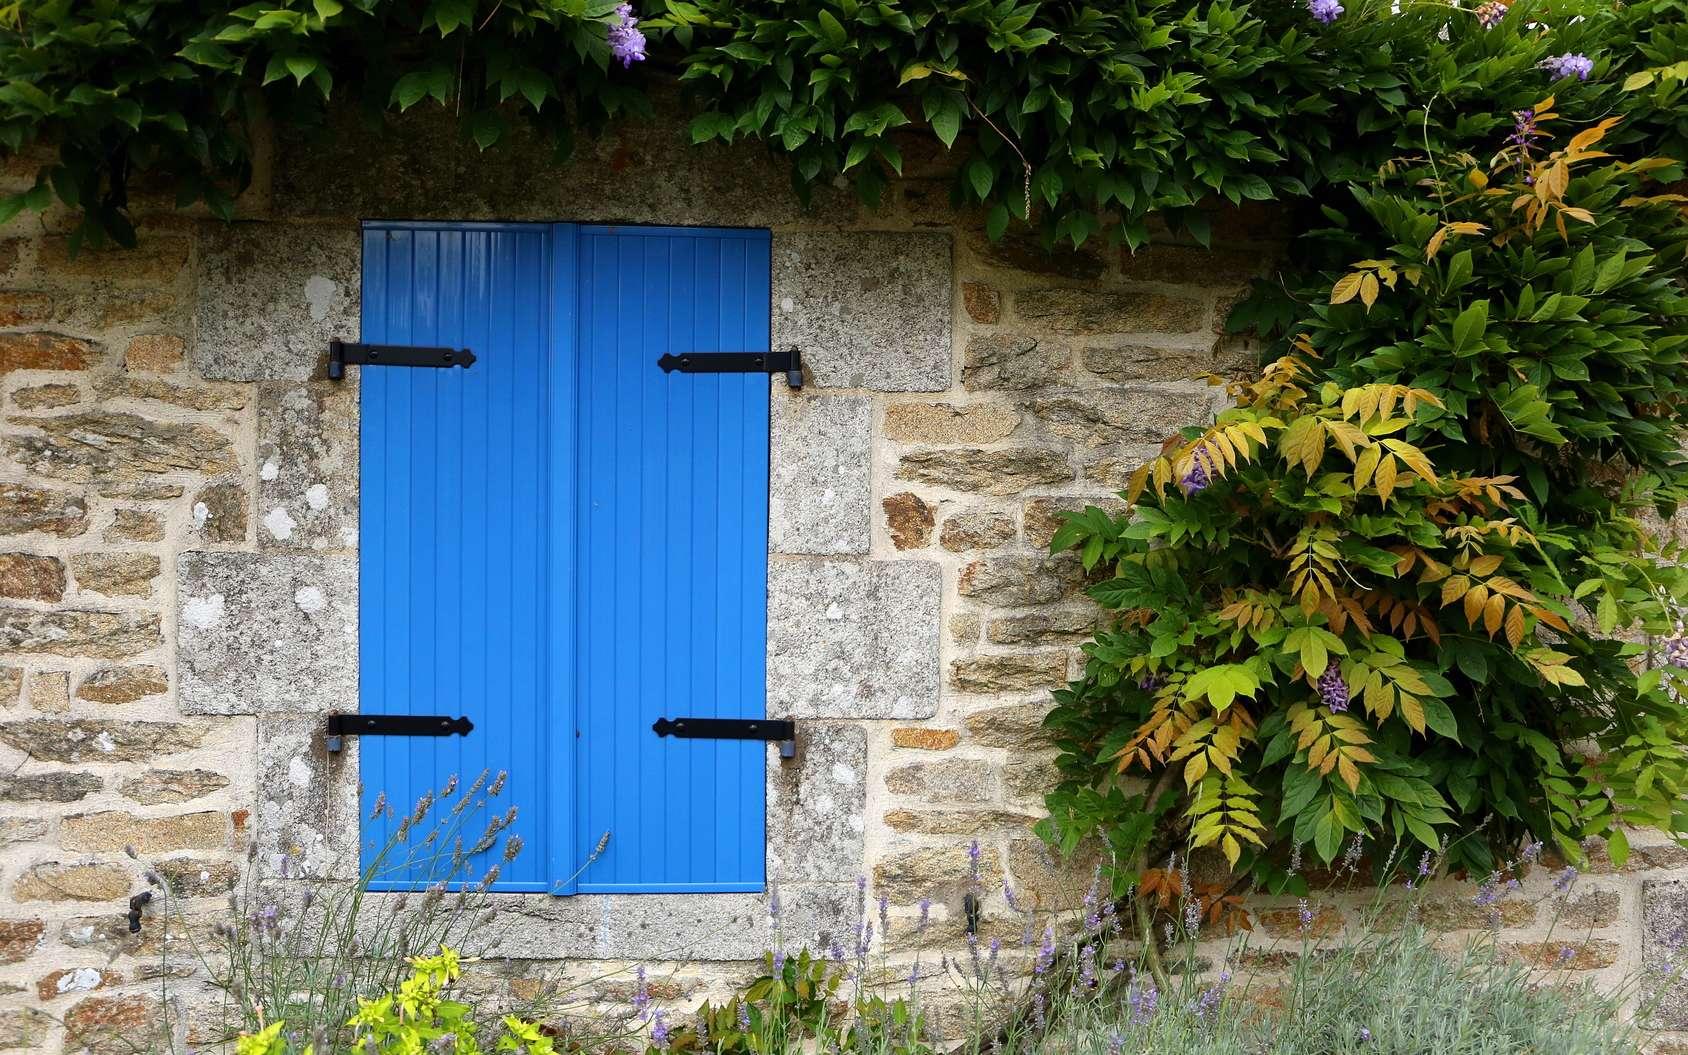 Dans les constructions anciennes, les encadrements de fenêtres étaient en pierre de taille. © Federherz, Fotolia